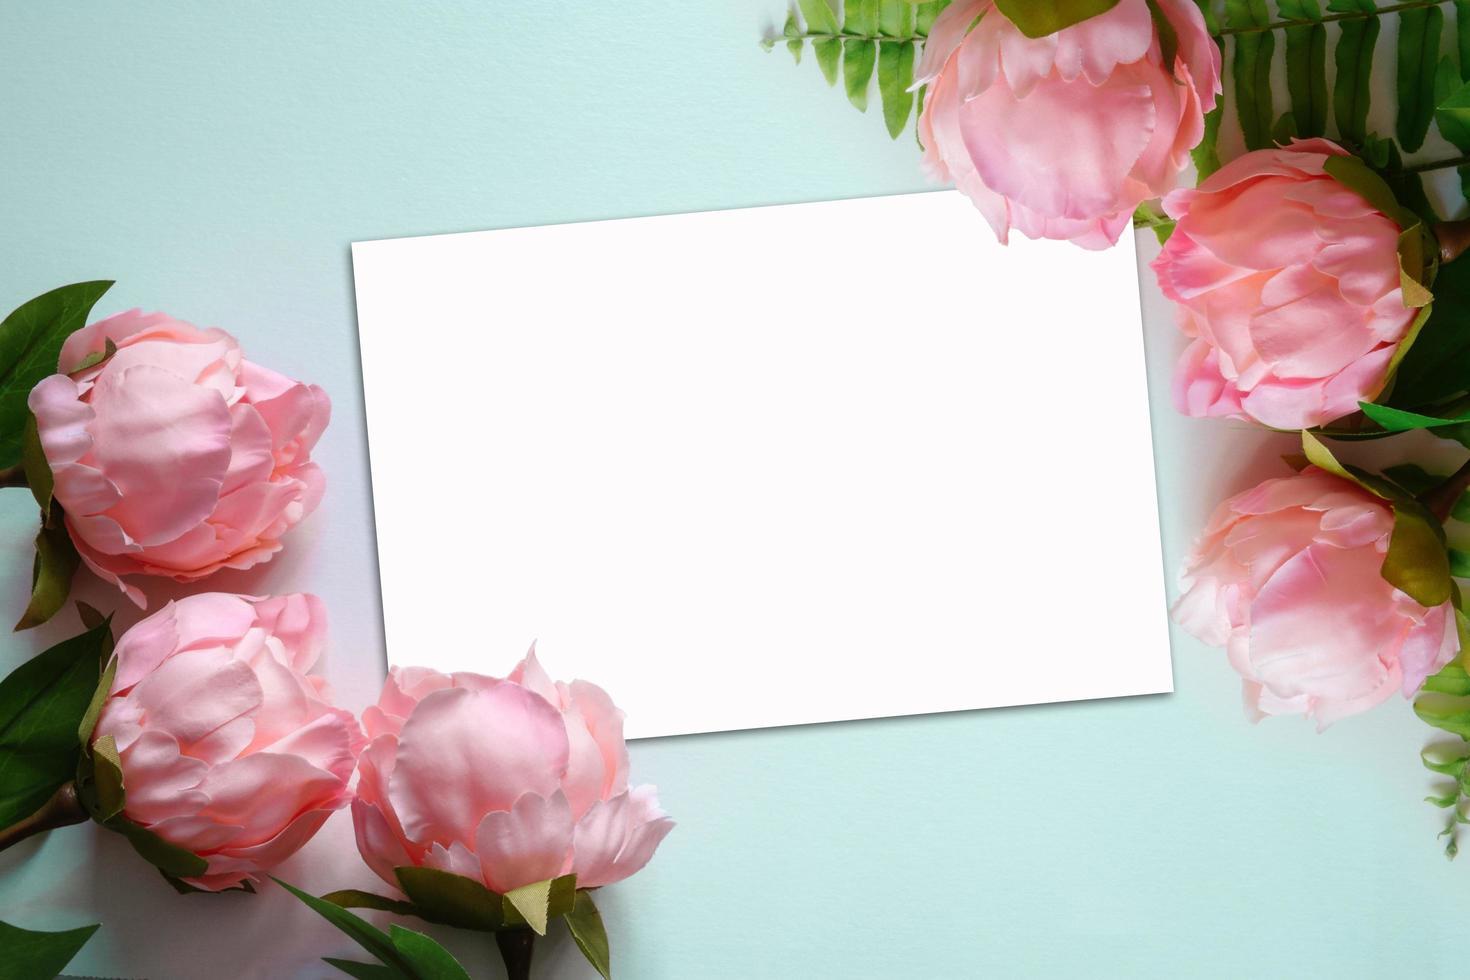 vue de dessus des pivoines avec carte blanche photo